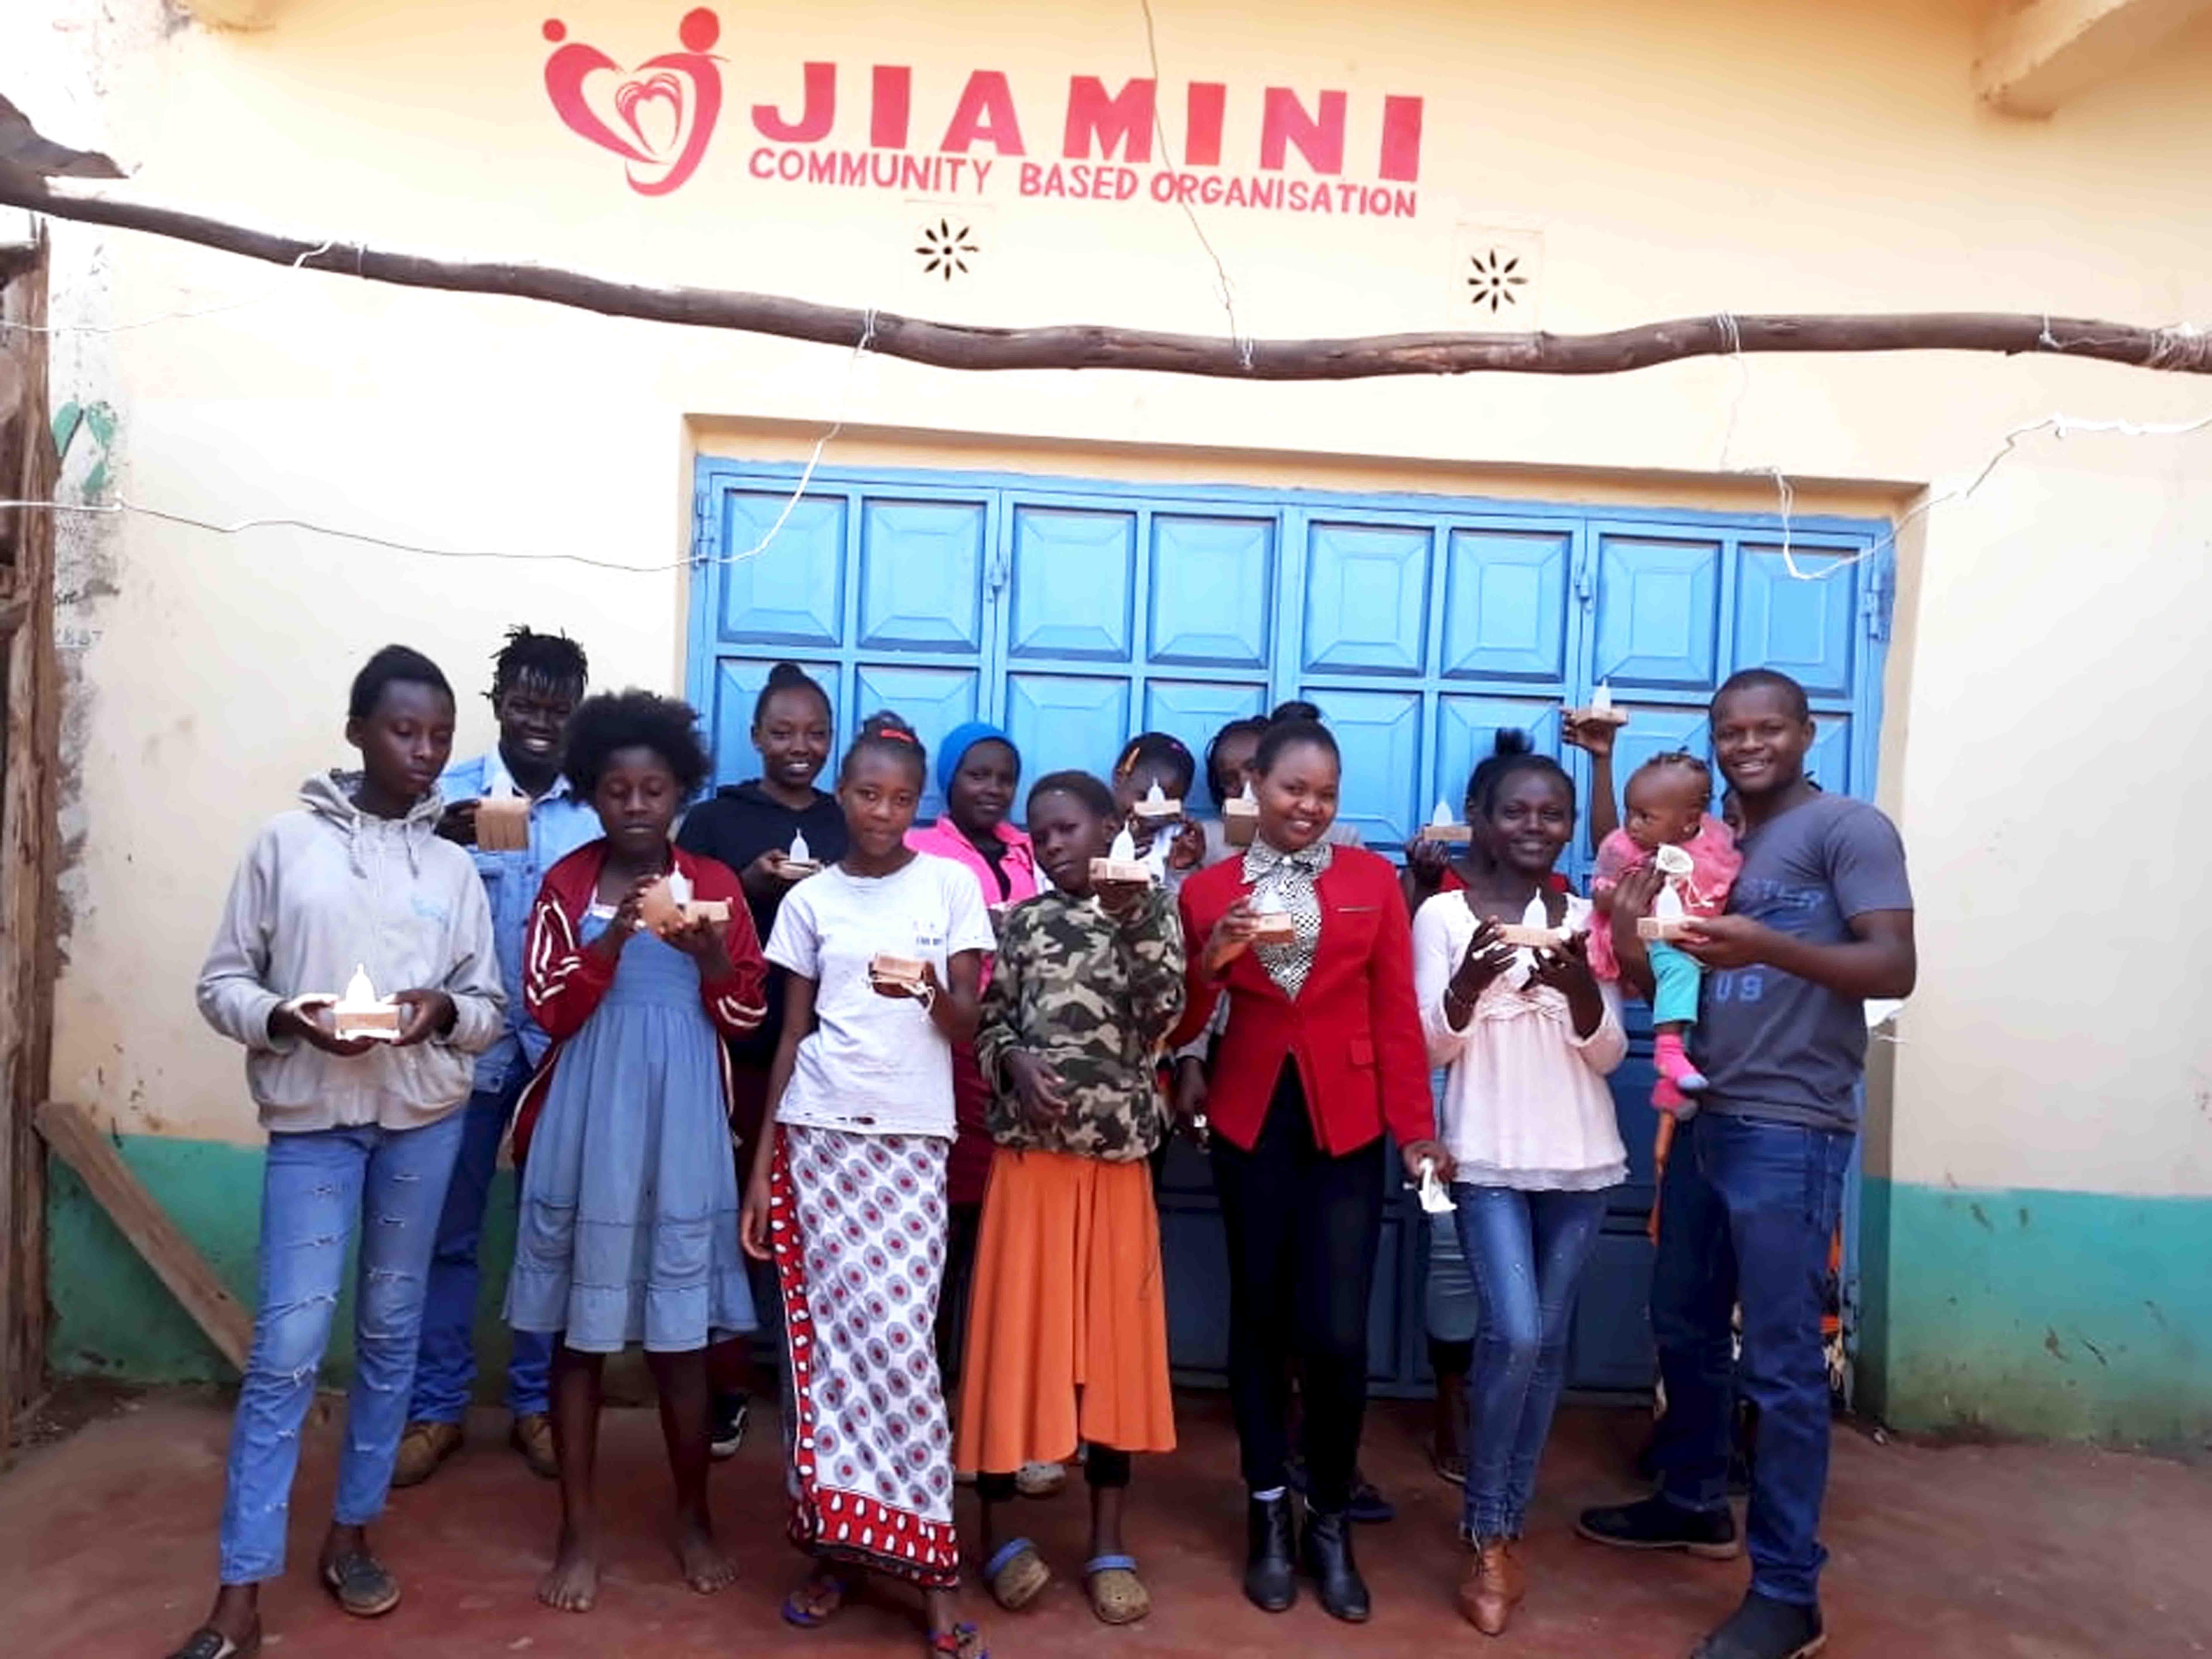 Jiamini vergibt Menstruationstassen